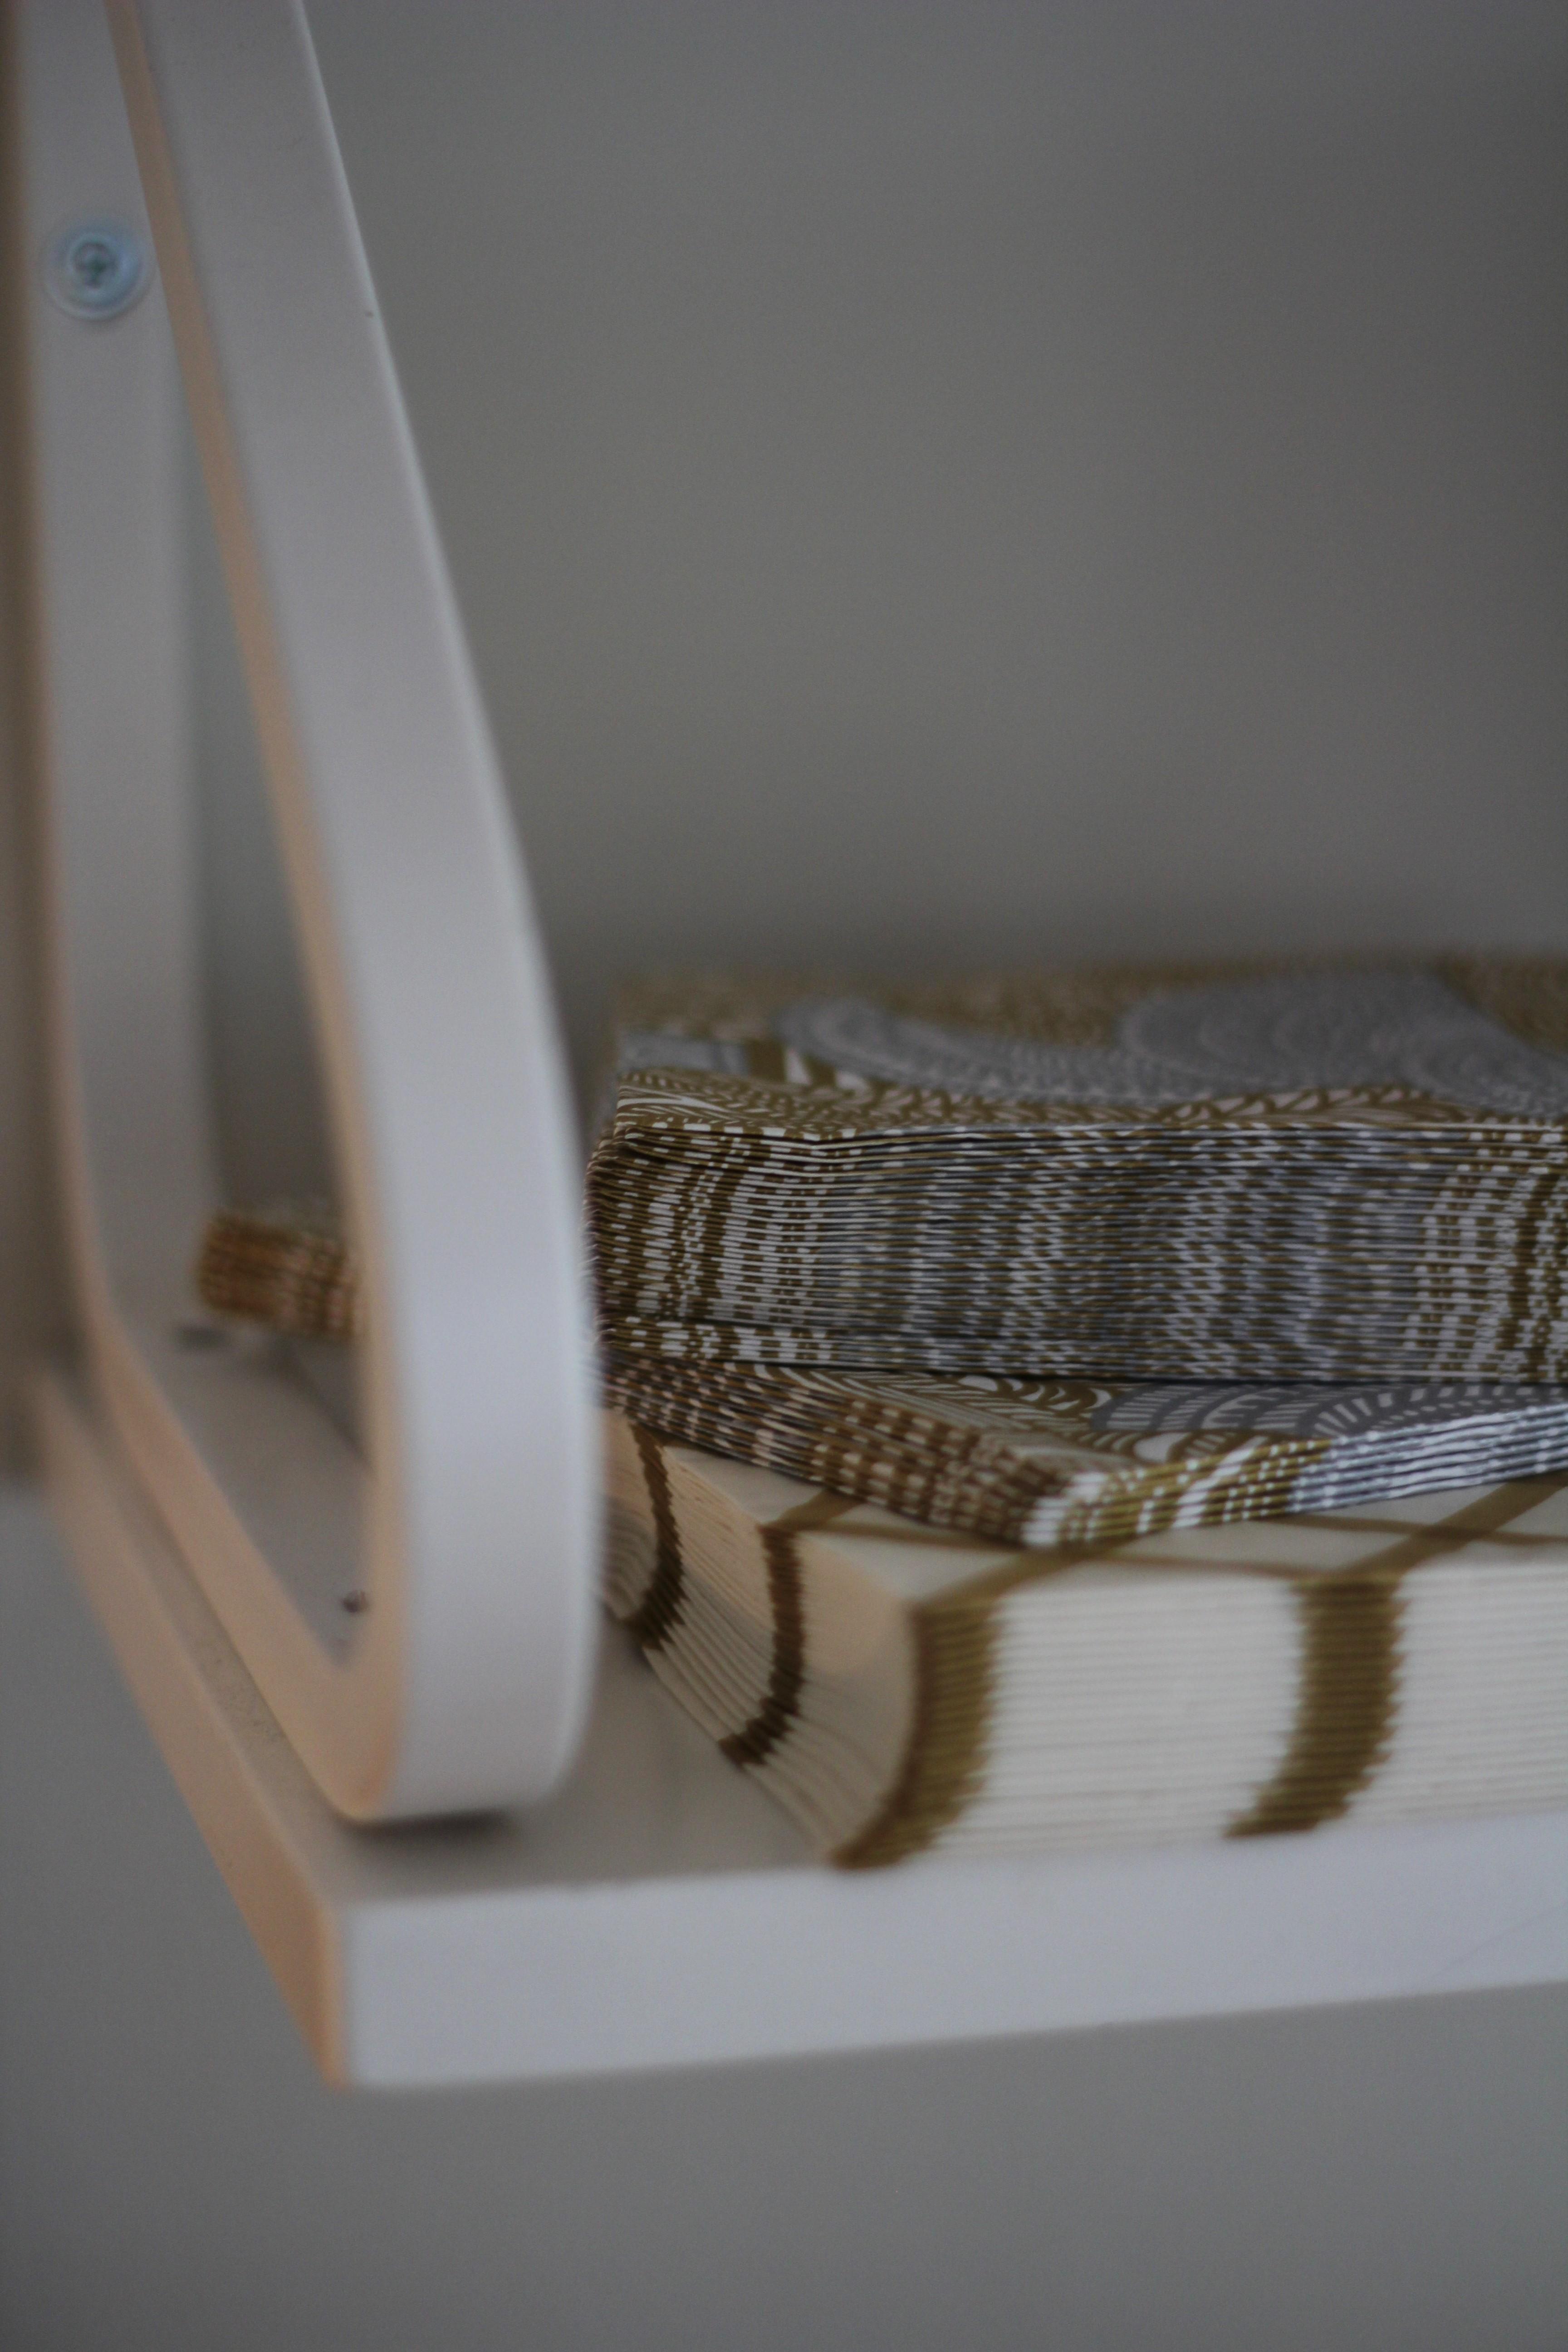 Käytän arkenakin kauniita servettejä, joita sopii kätevästi pino Artekin avohyllyn kulmalle.